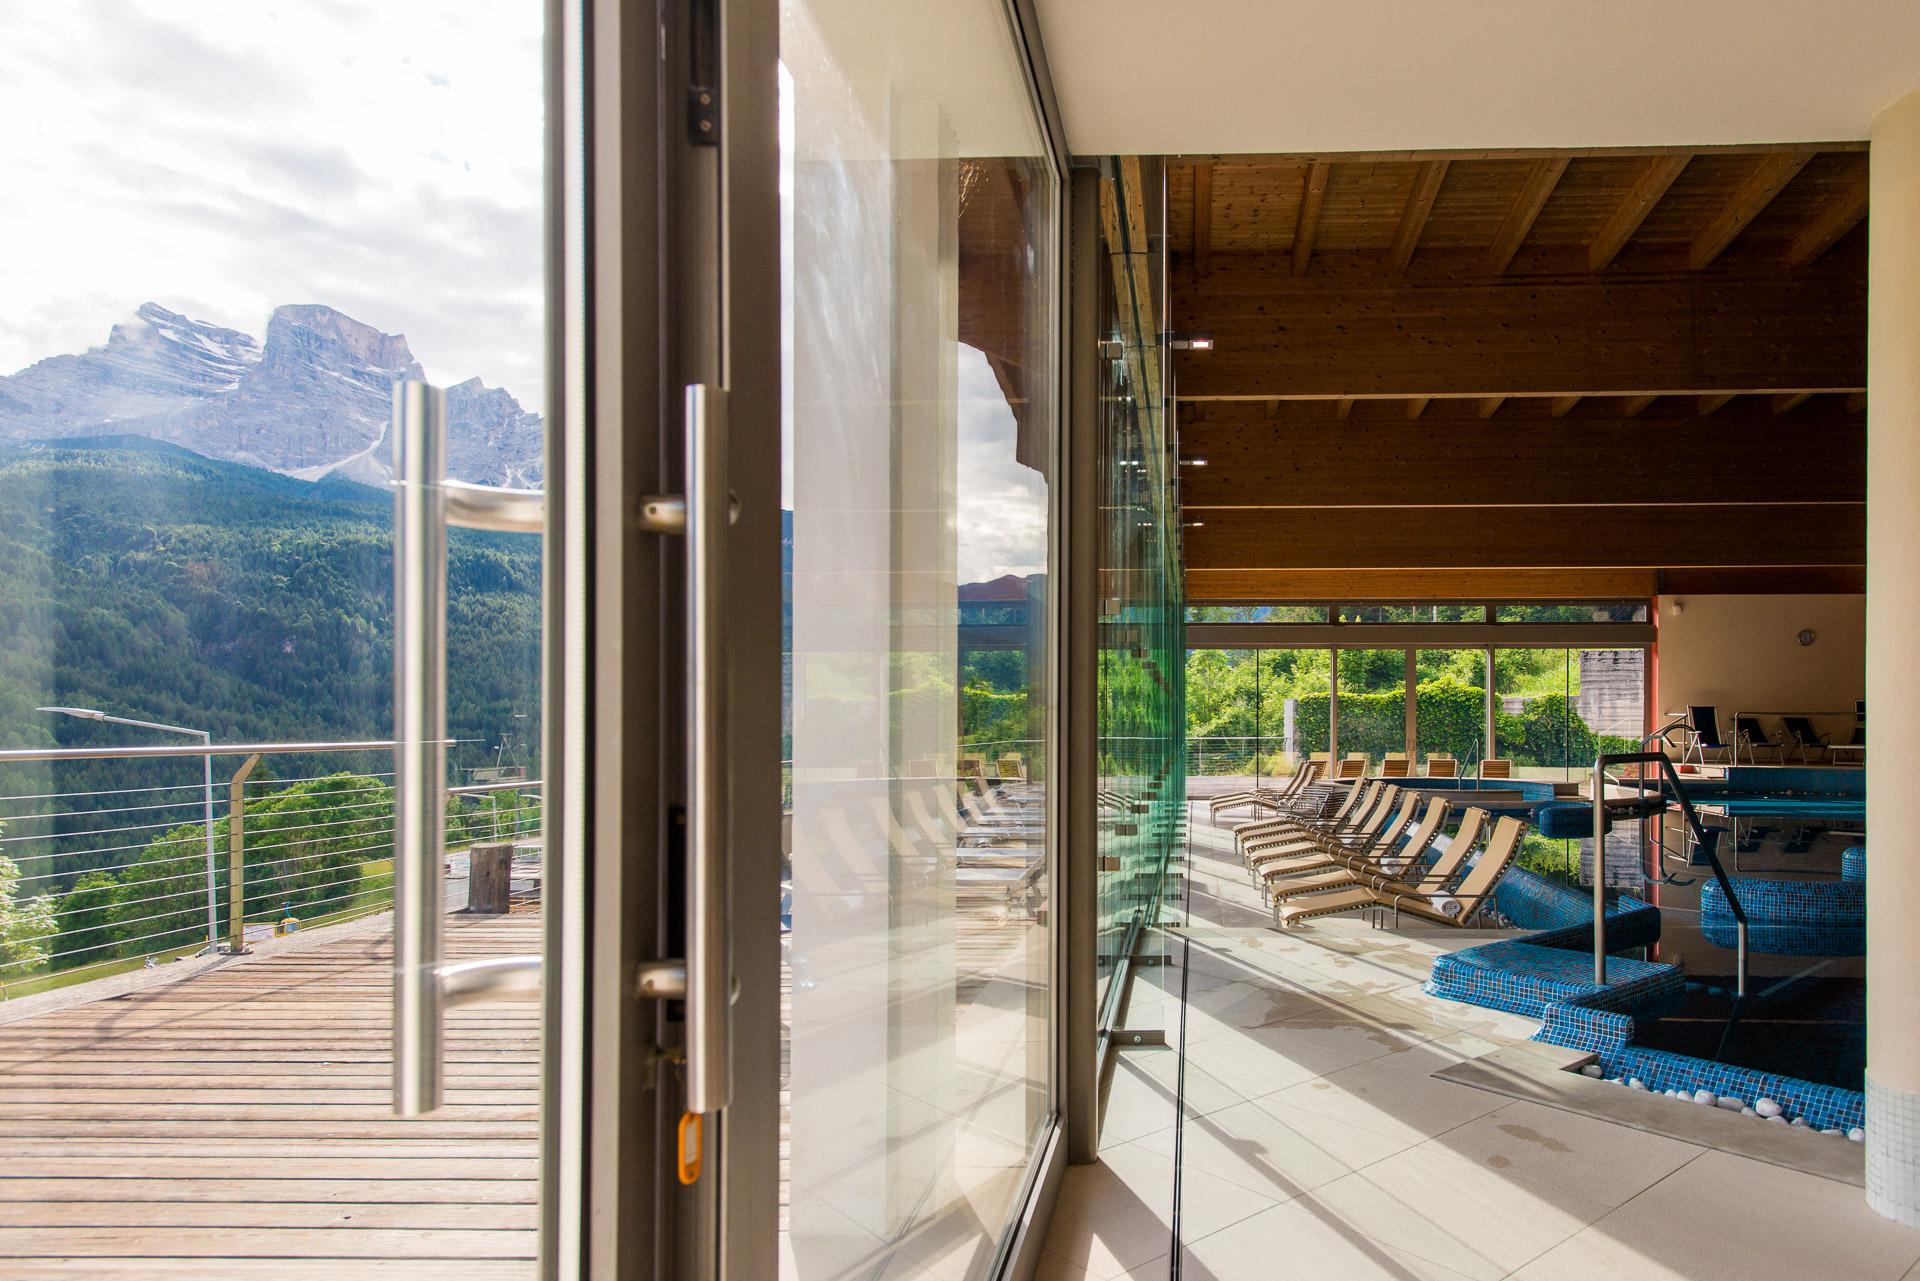 Corte Delle Dolomiti Spa corte spa water & wellness – residence borca di cadore